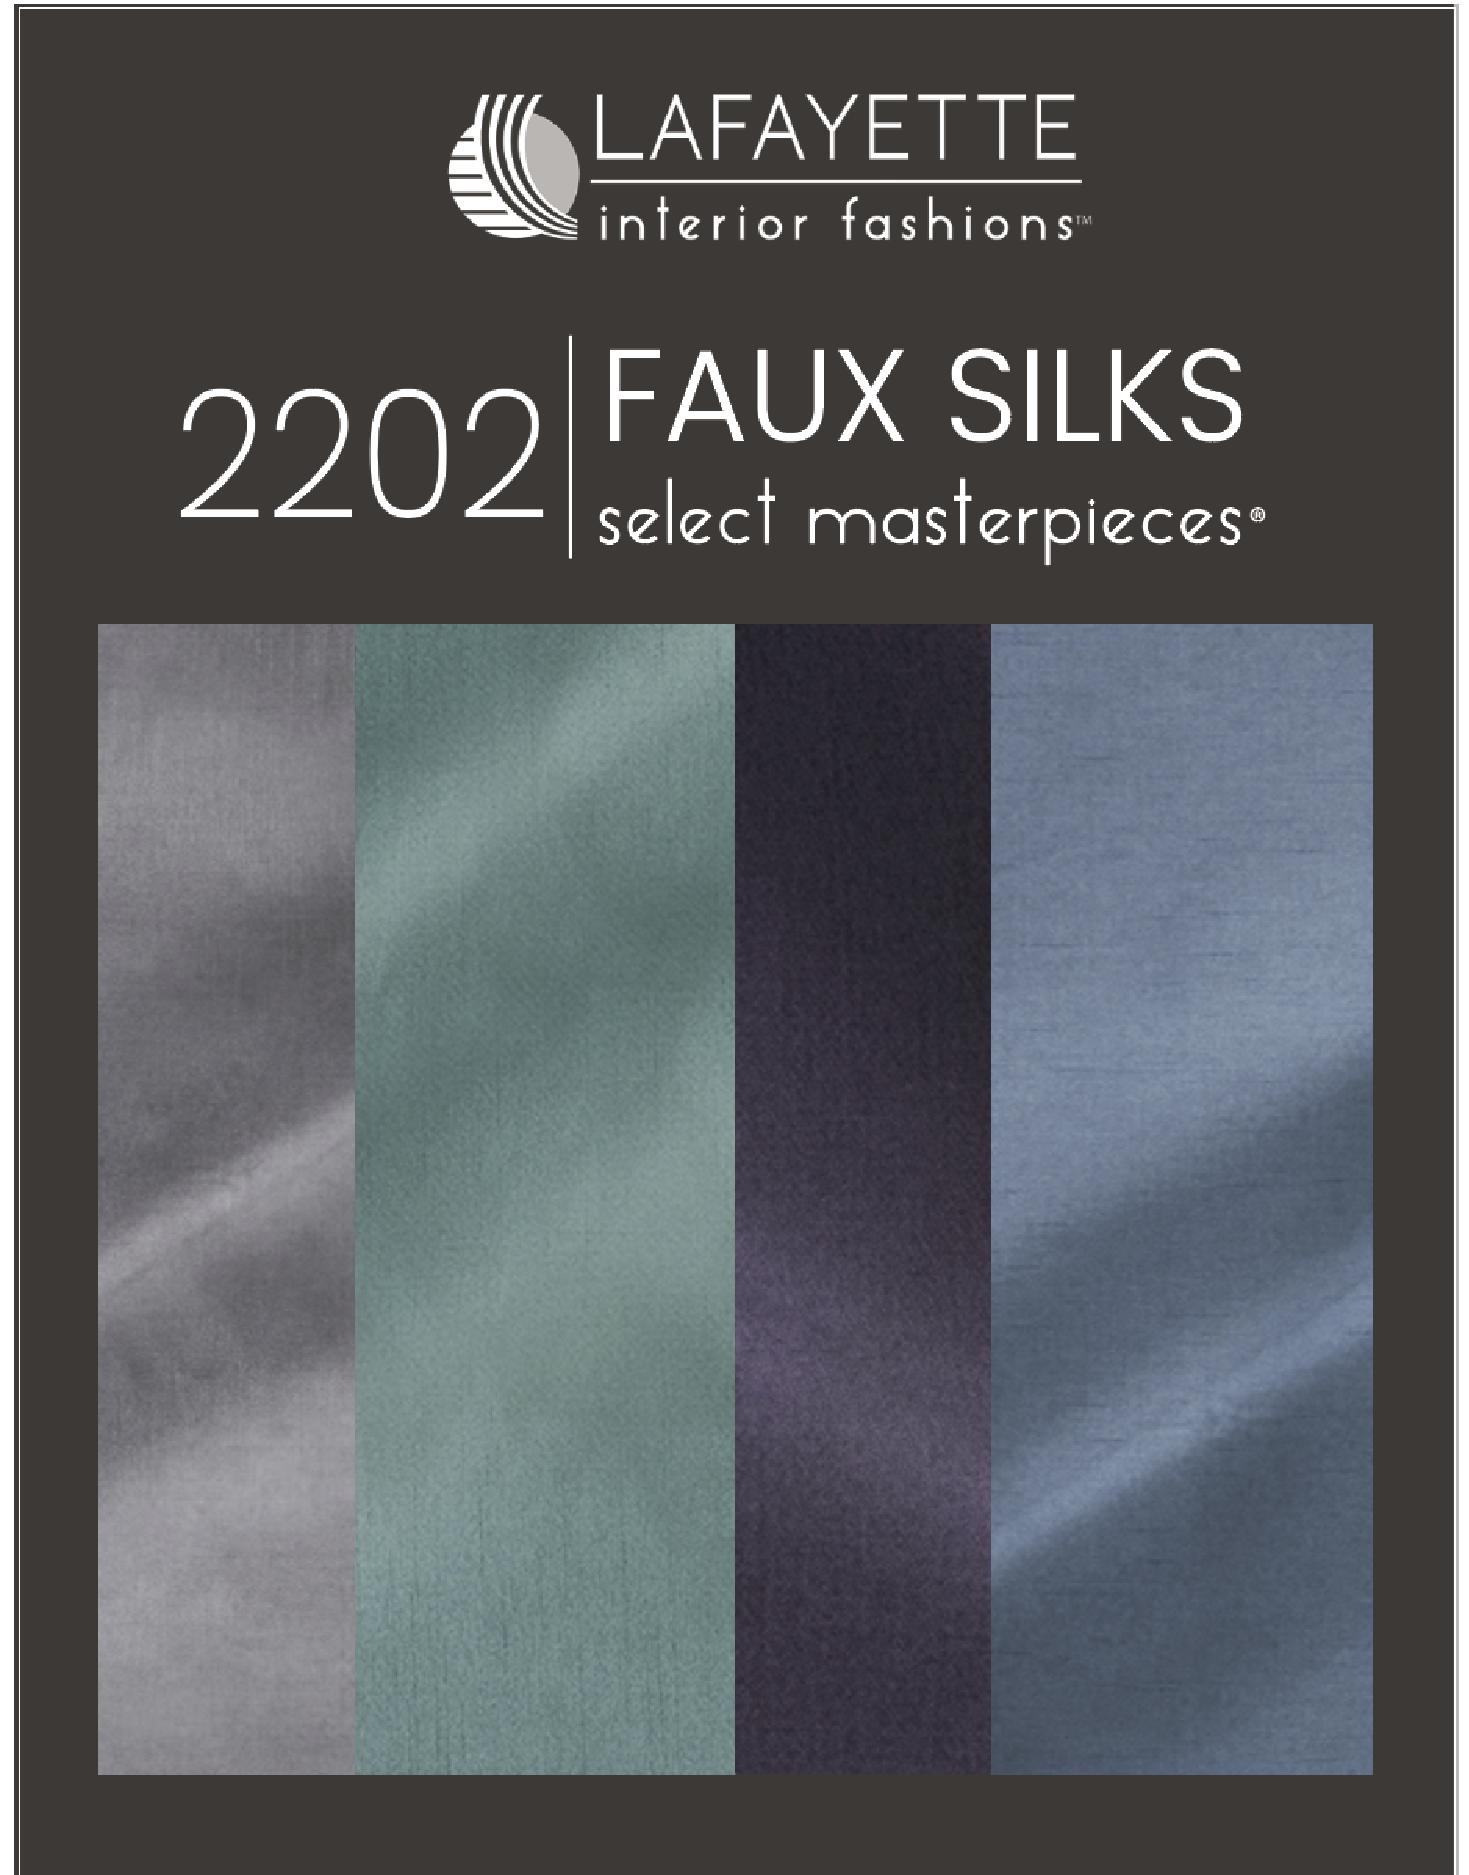 Faux Silks 2202